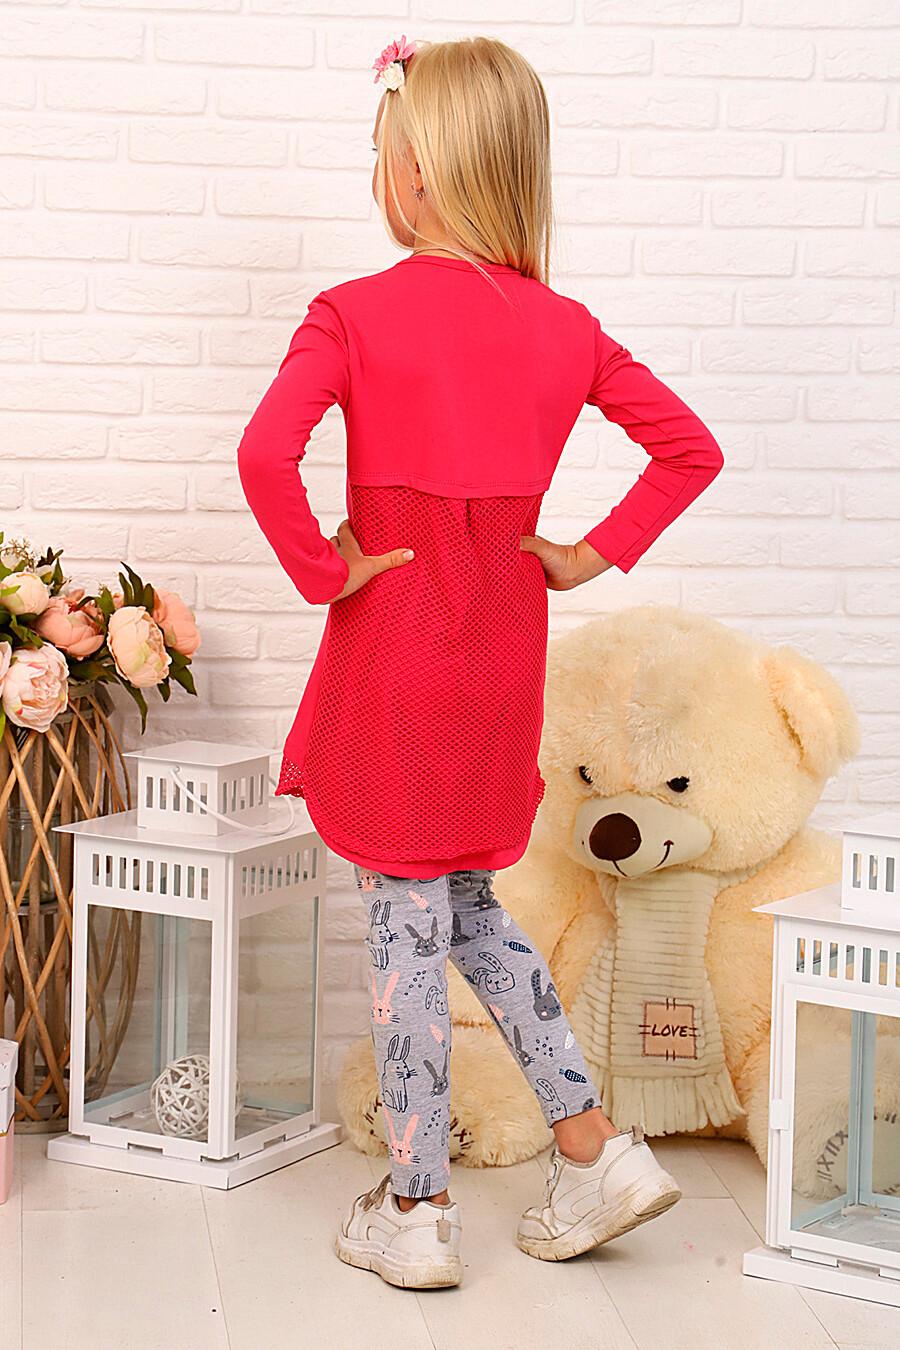 Туника для девочек SOFIYA37 667972 купить оптом от производителя. Совместная покупка детской одежды в OptMoyo